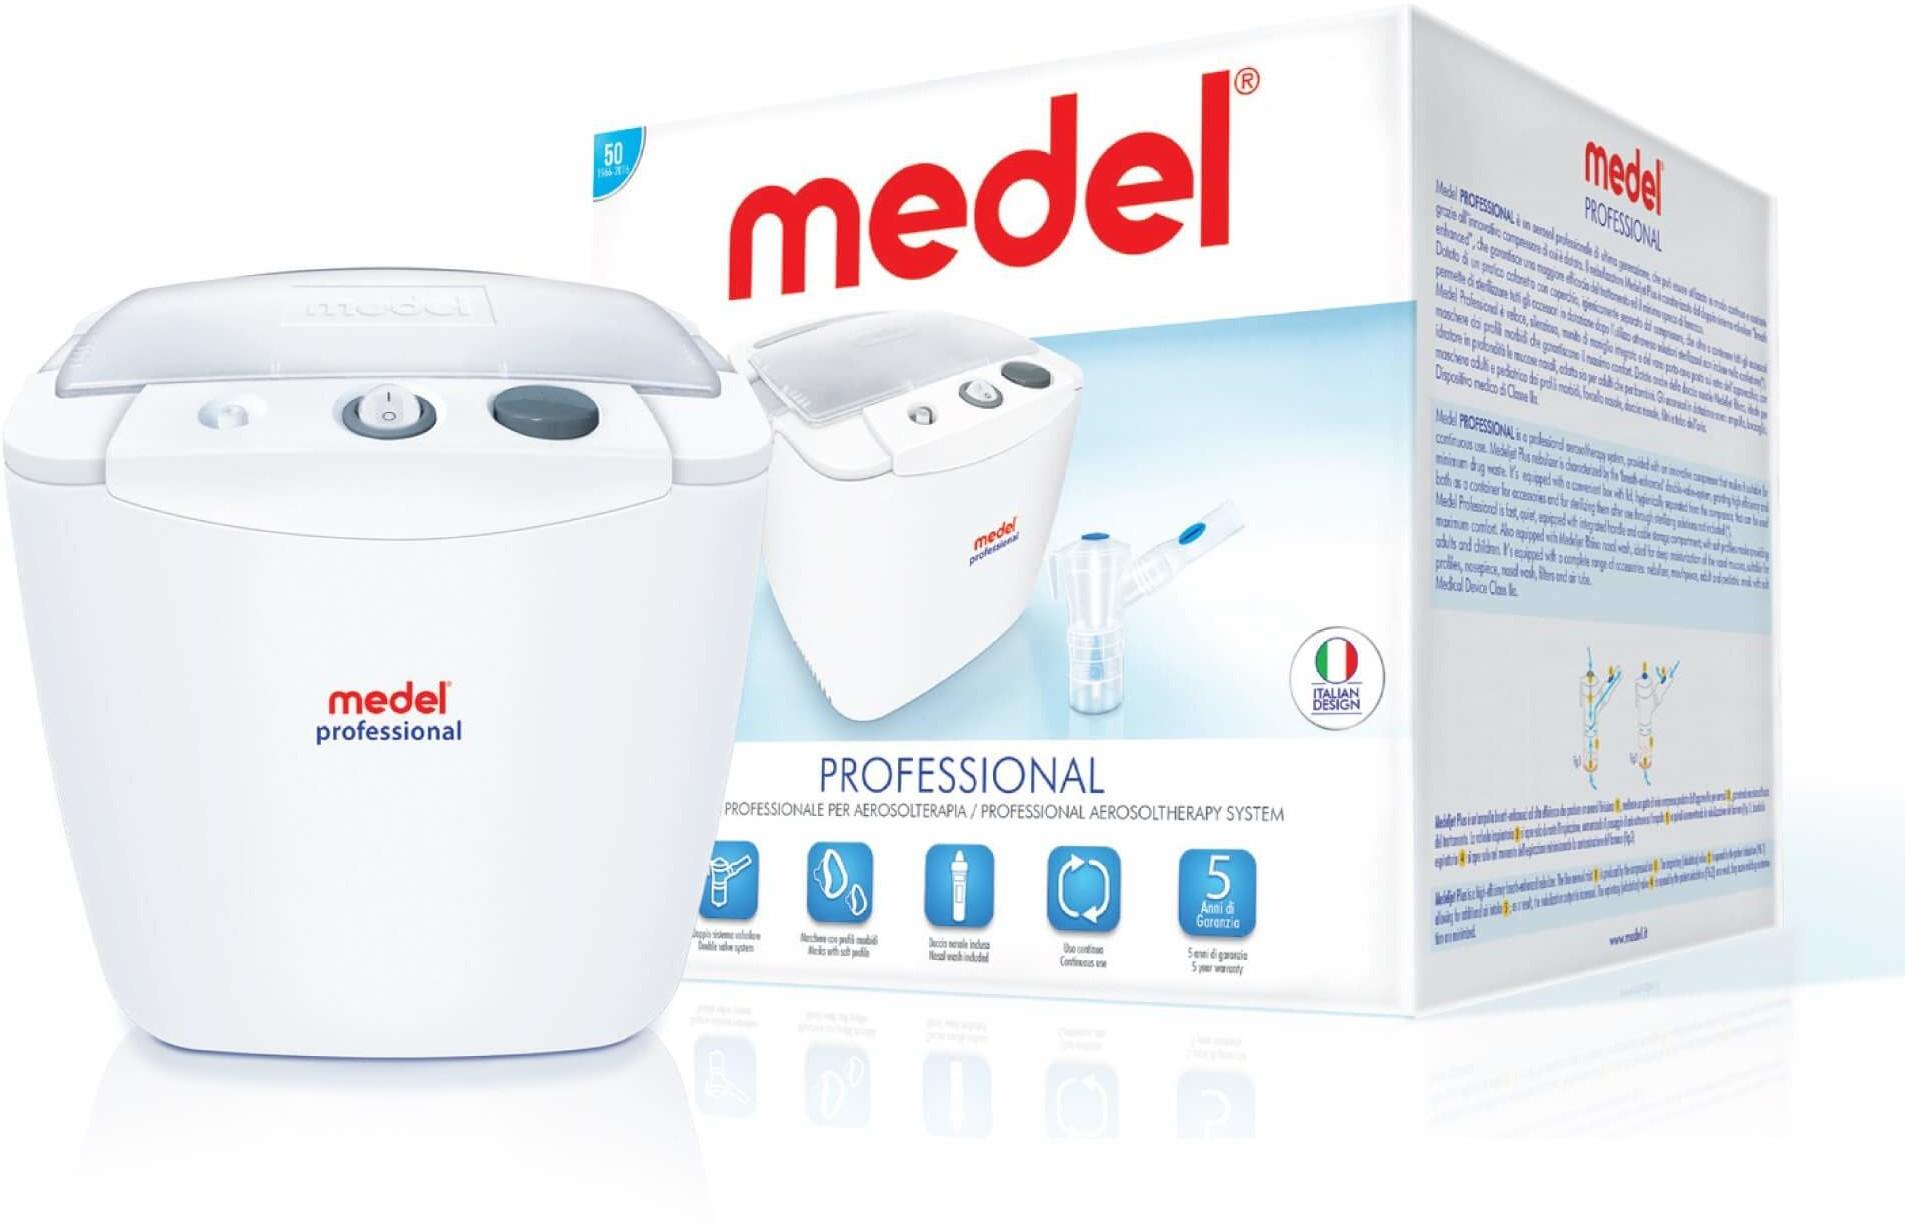 Medel Professional